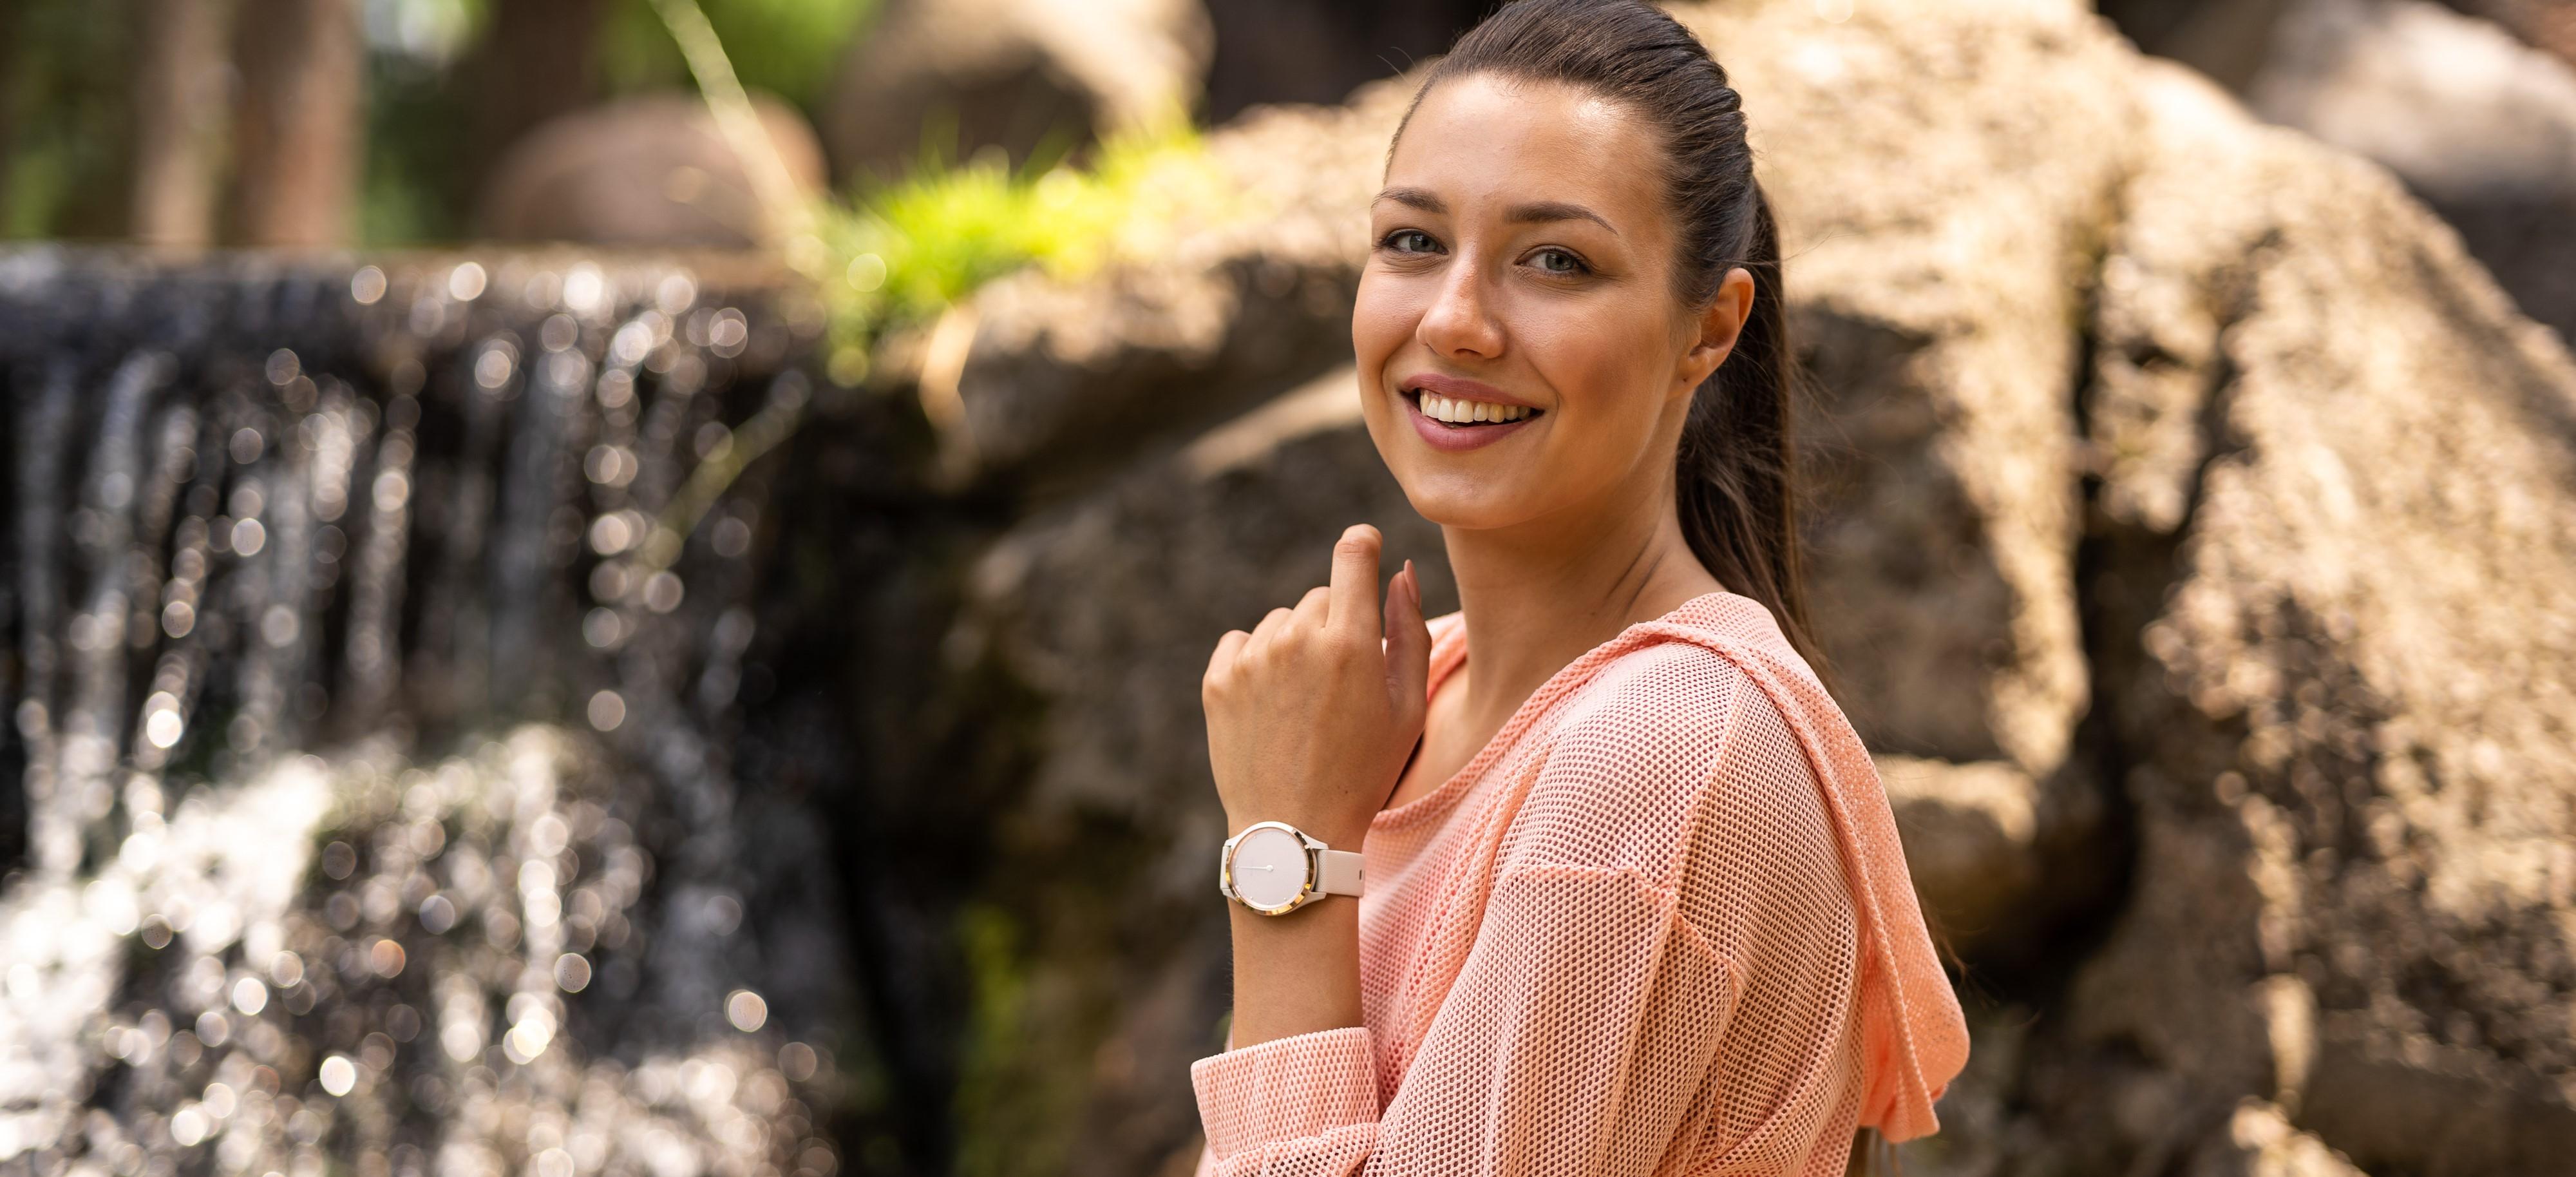 Smartwatch damski - zadbaj o swoje zdrowie! - Zdjęcie główne